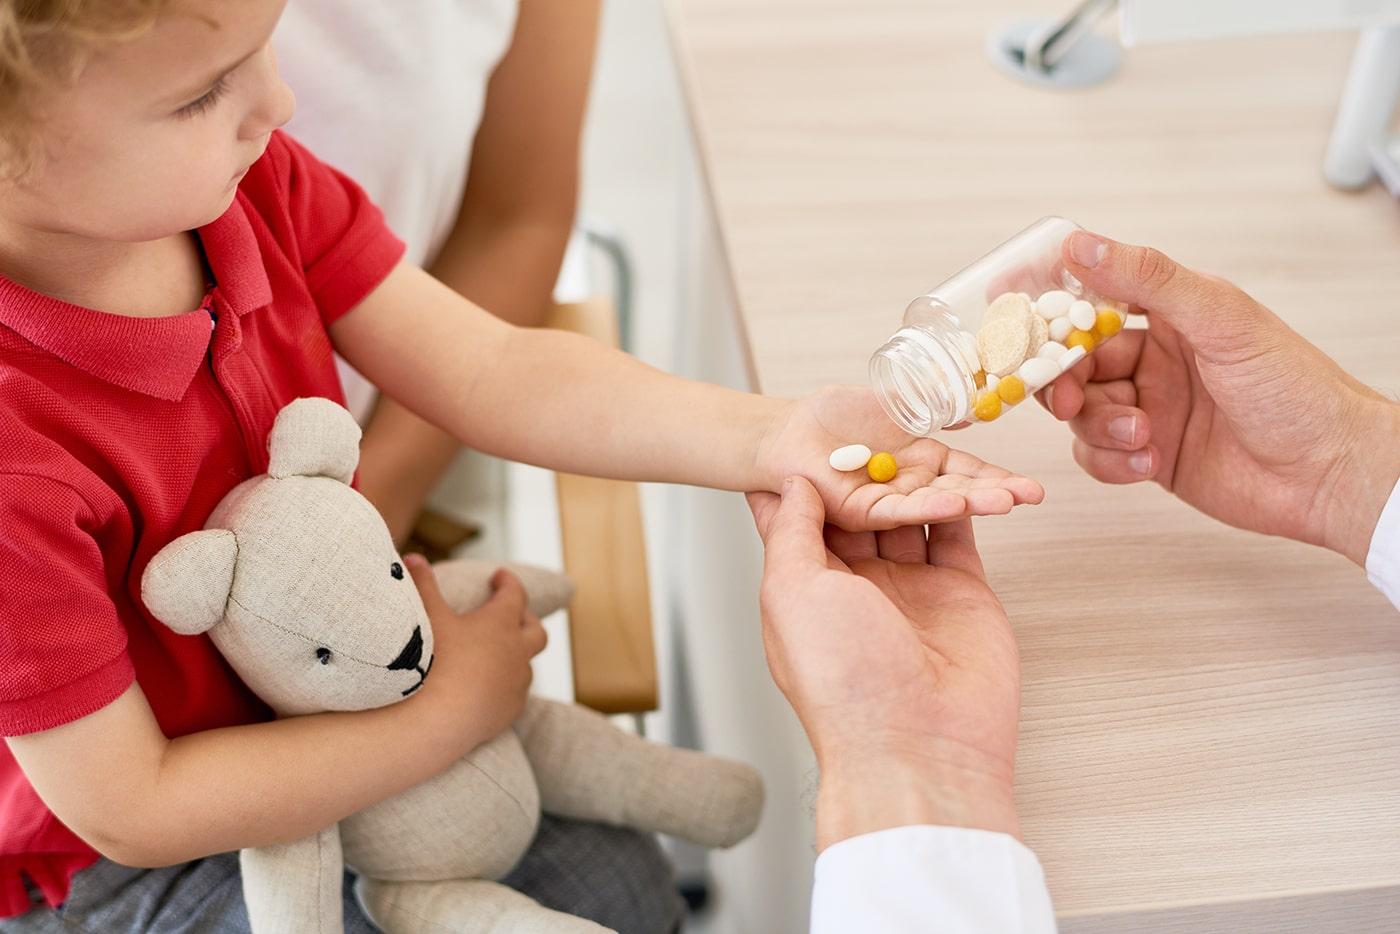 Child taking vitamins